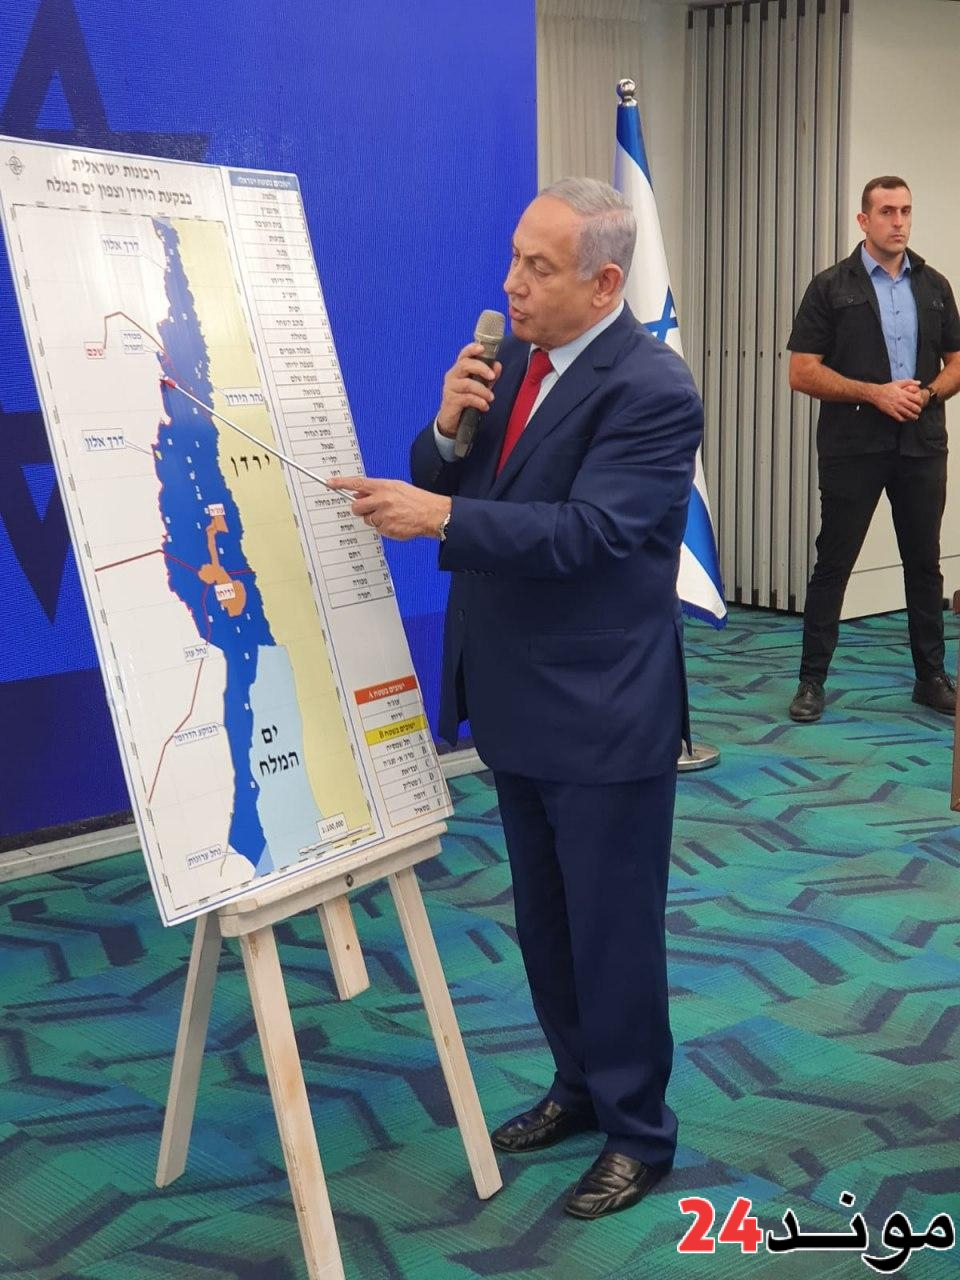 عاجل : نتنياهو يعلن نيته ضم غور الأردن إلى إسرائيل